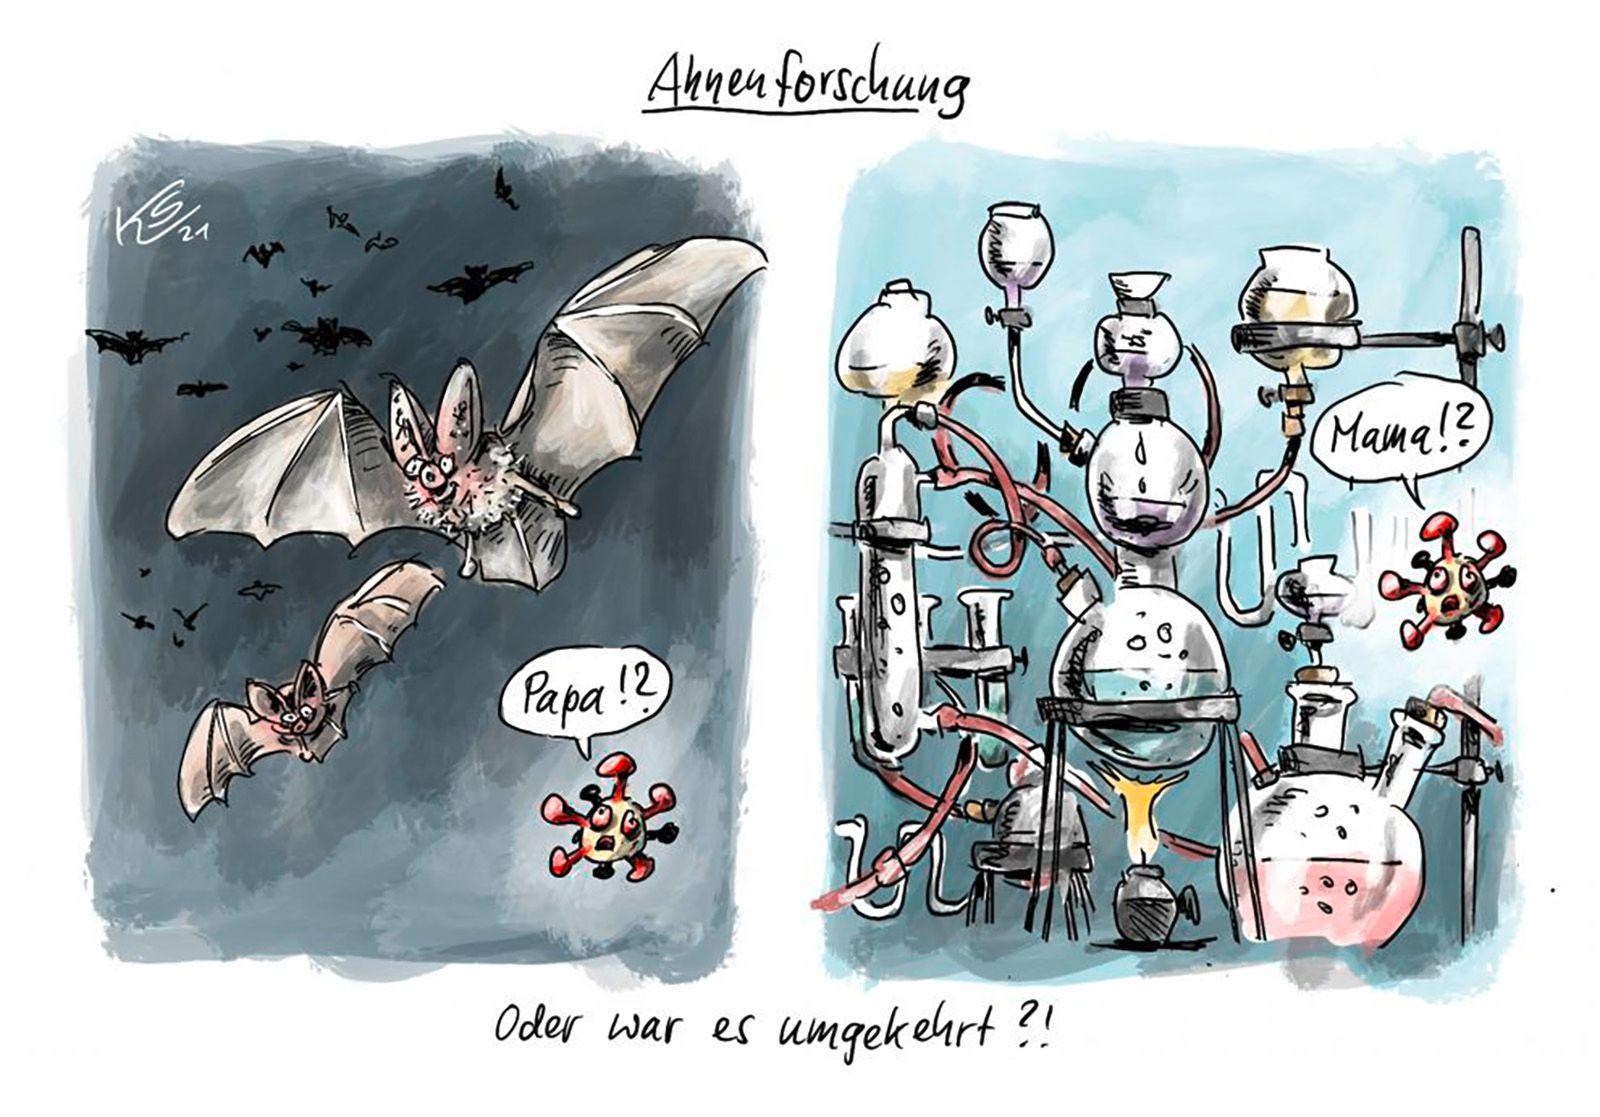 Ahnenforschung Cartoon 31-05-21